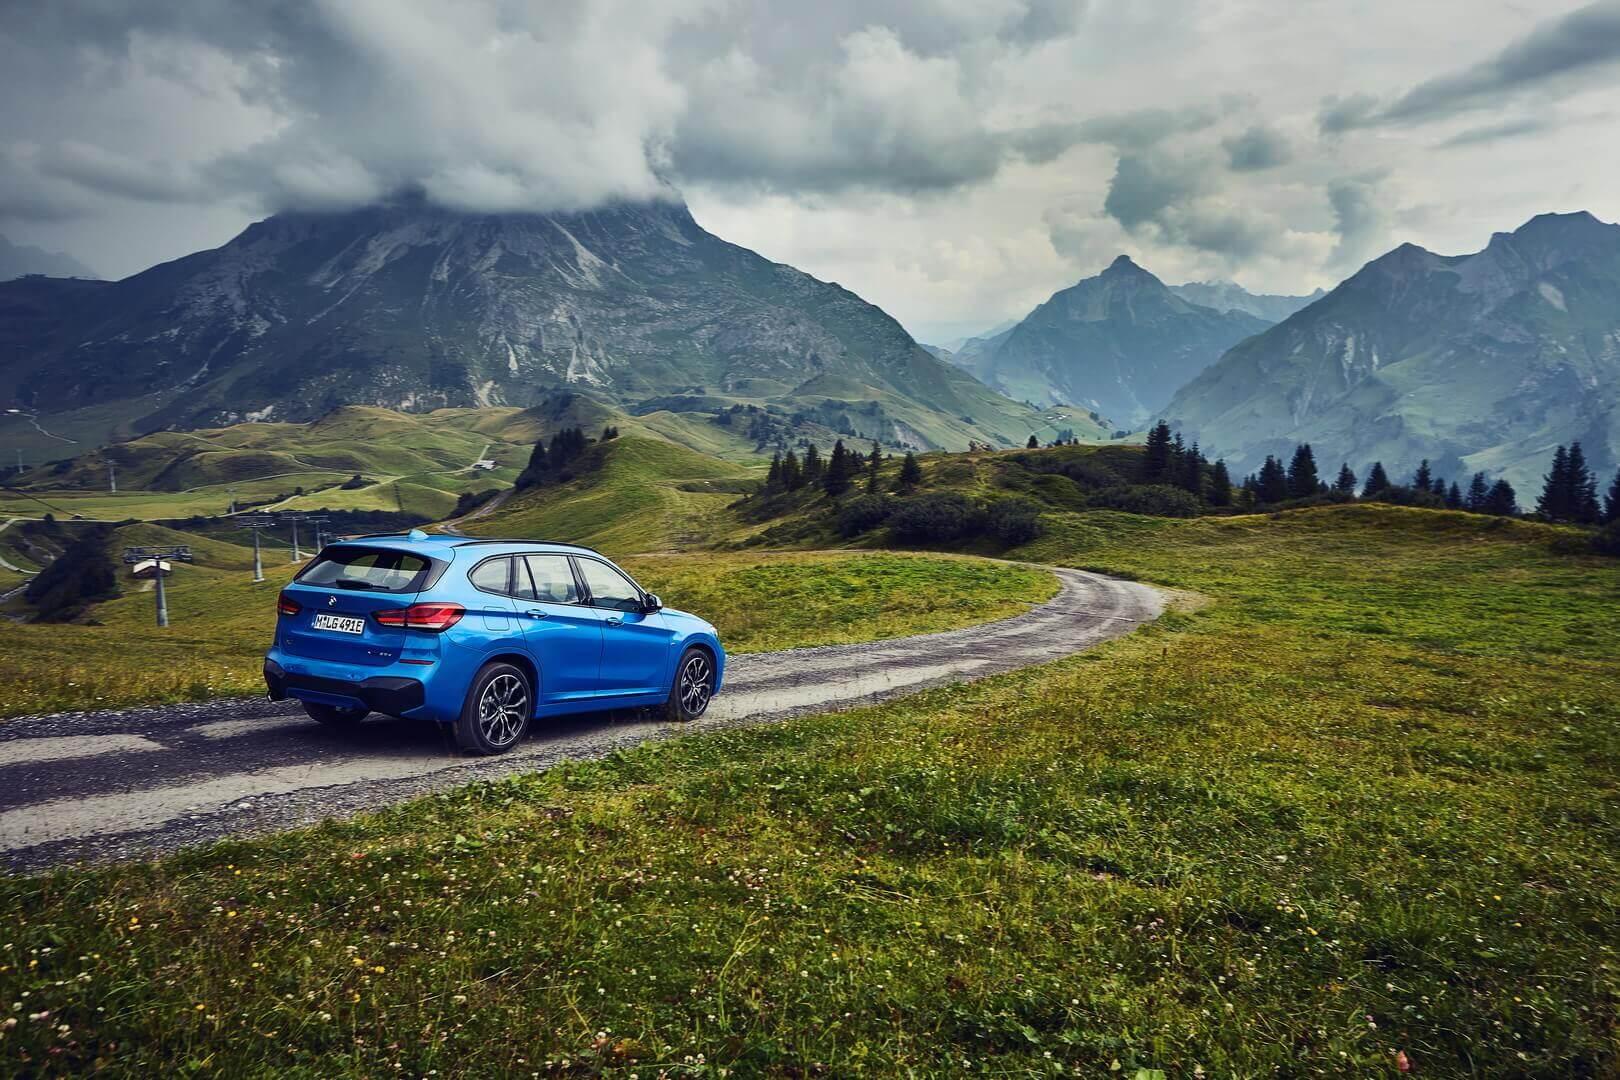 BMW представил компактную модель X1 с подключаемым гибридным приводом